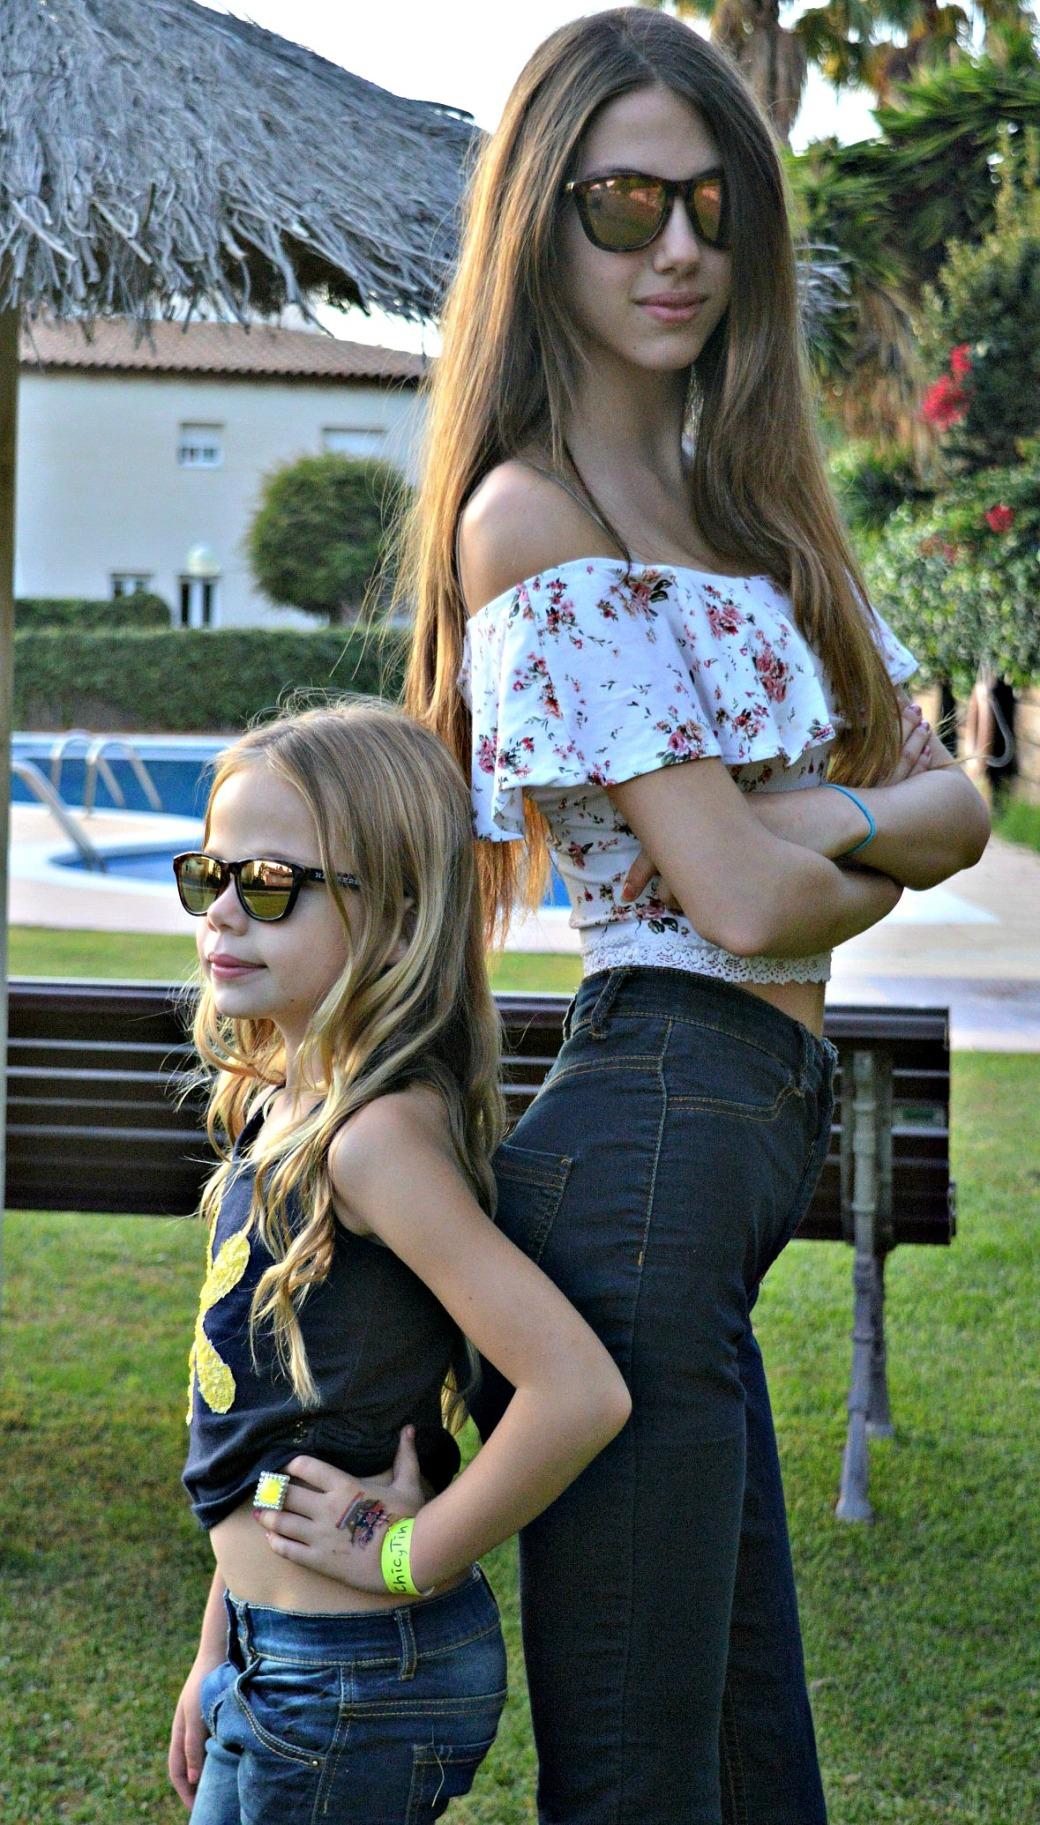 hawkers-tpl-blog-de-moda-infantil-y-juvenil-11